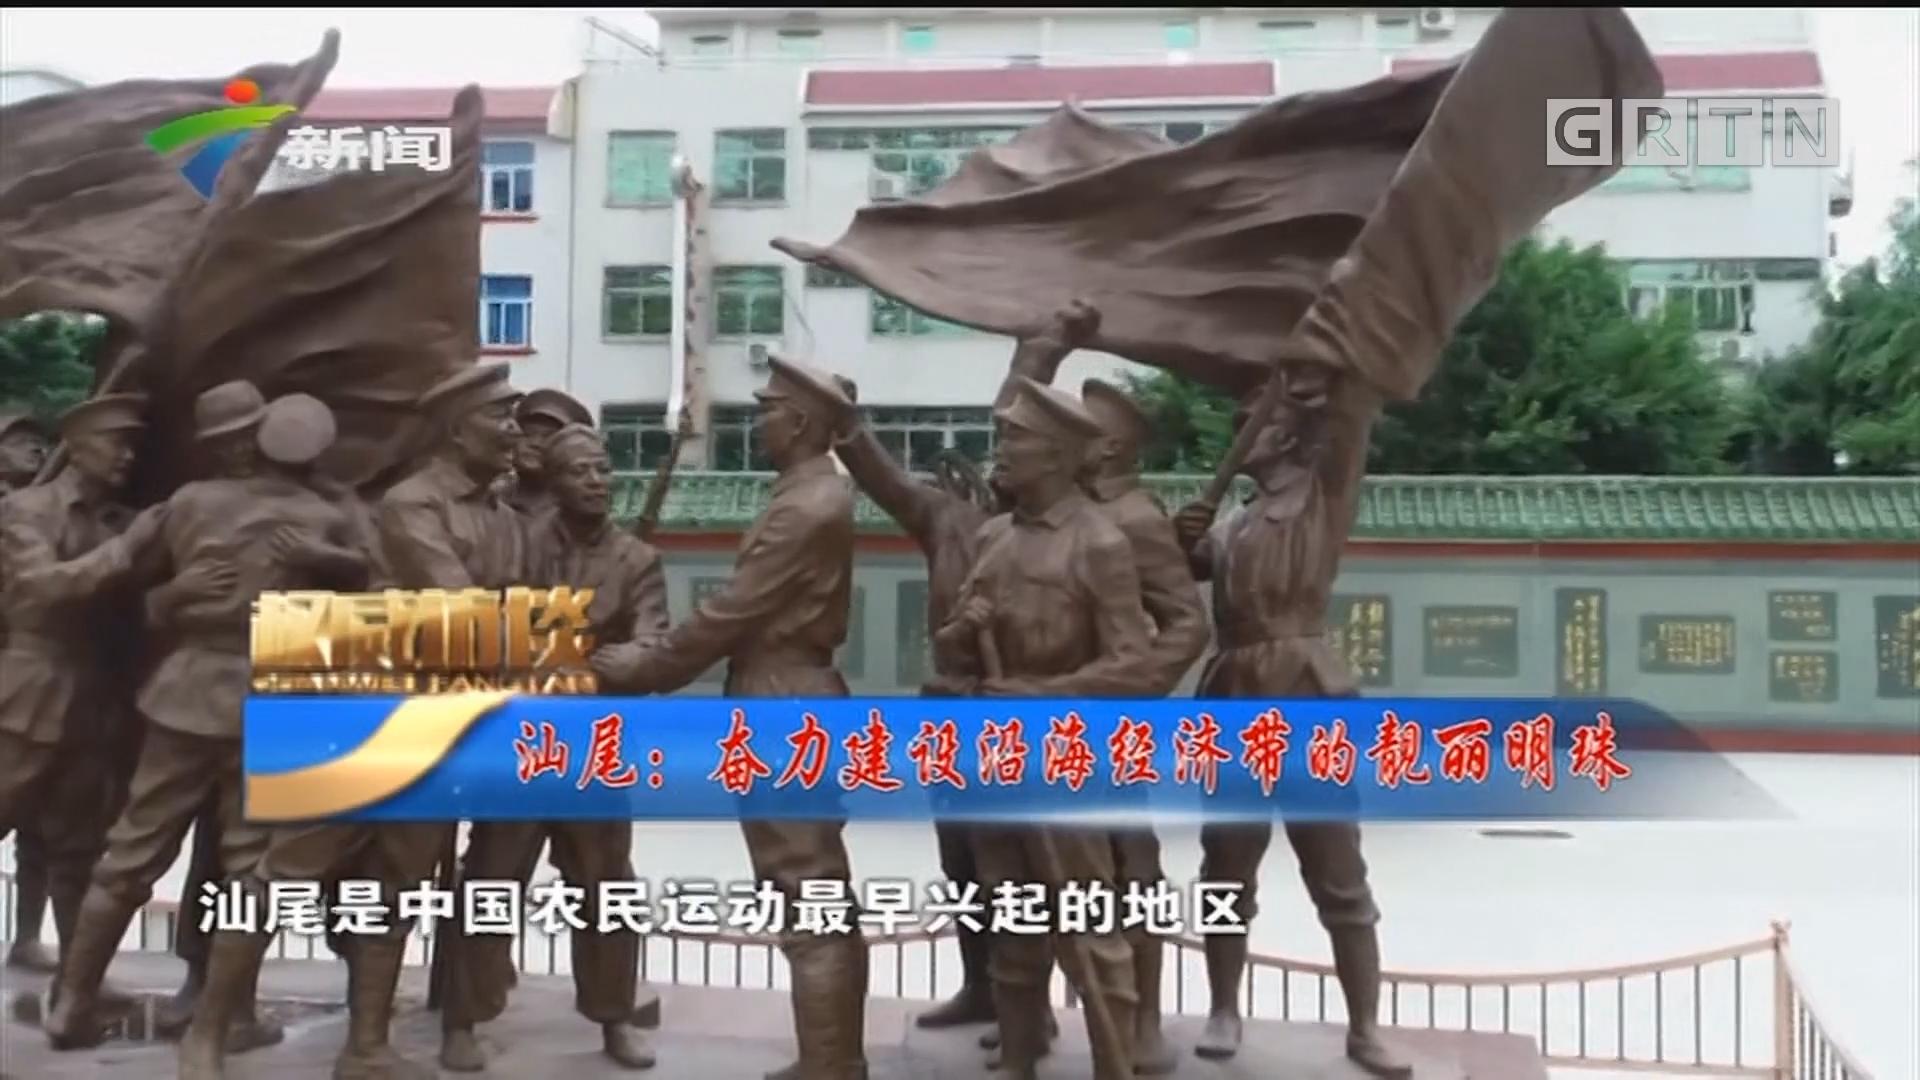 [HD][2019-11-17]权威访谈:汕尾:奋力建设沿海经济带的靓丽明珠